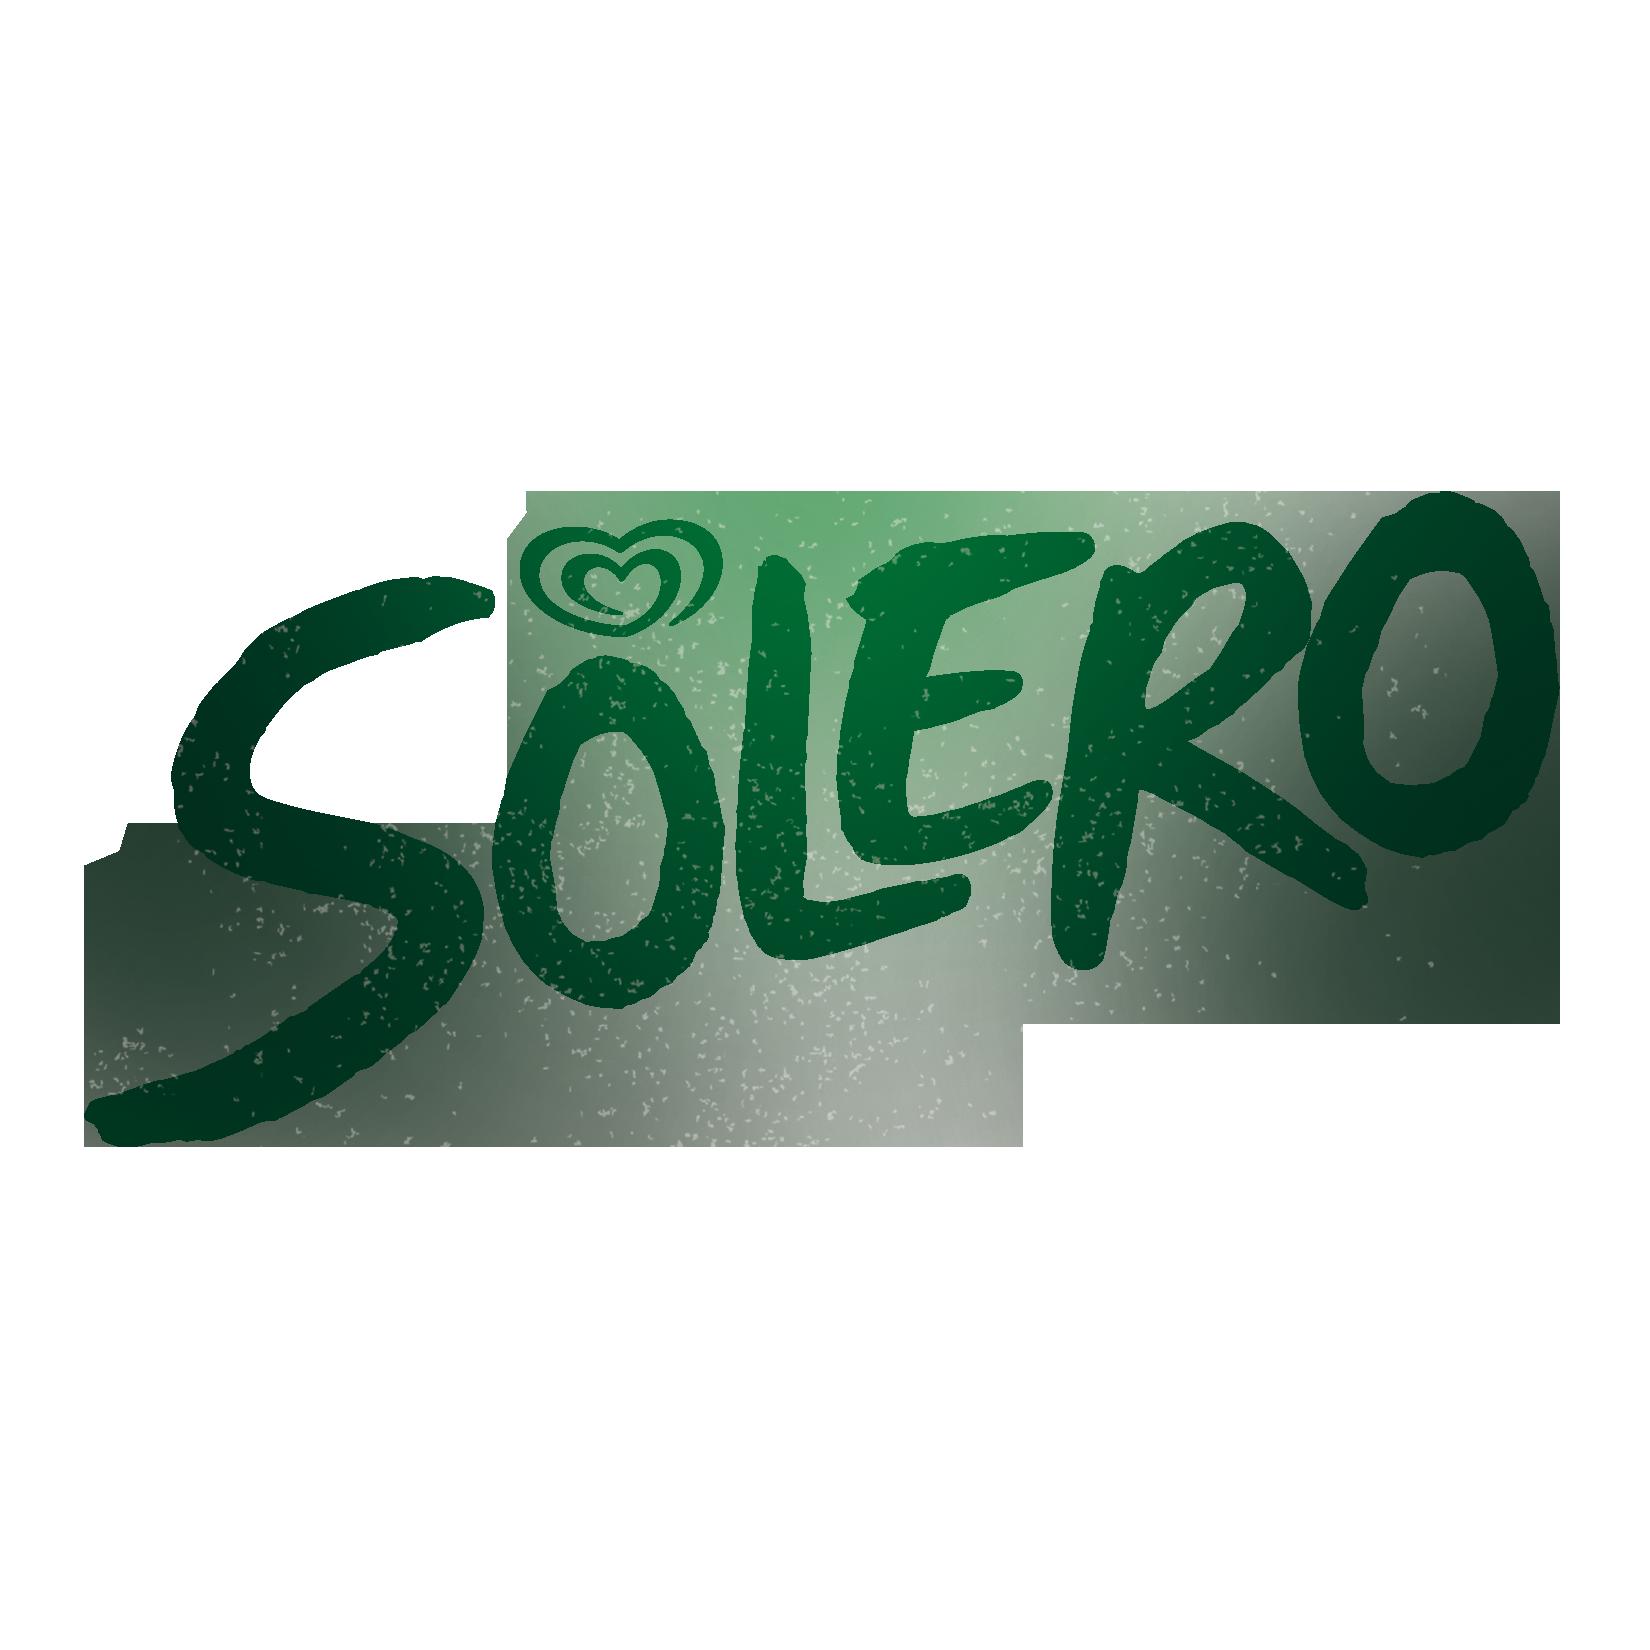 Logo Solero verde cuadrado - Inicio